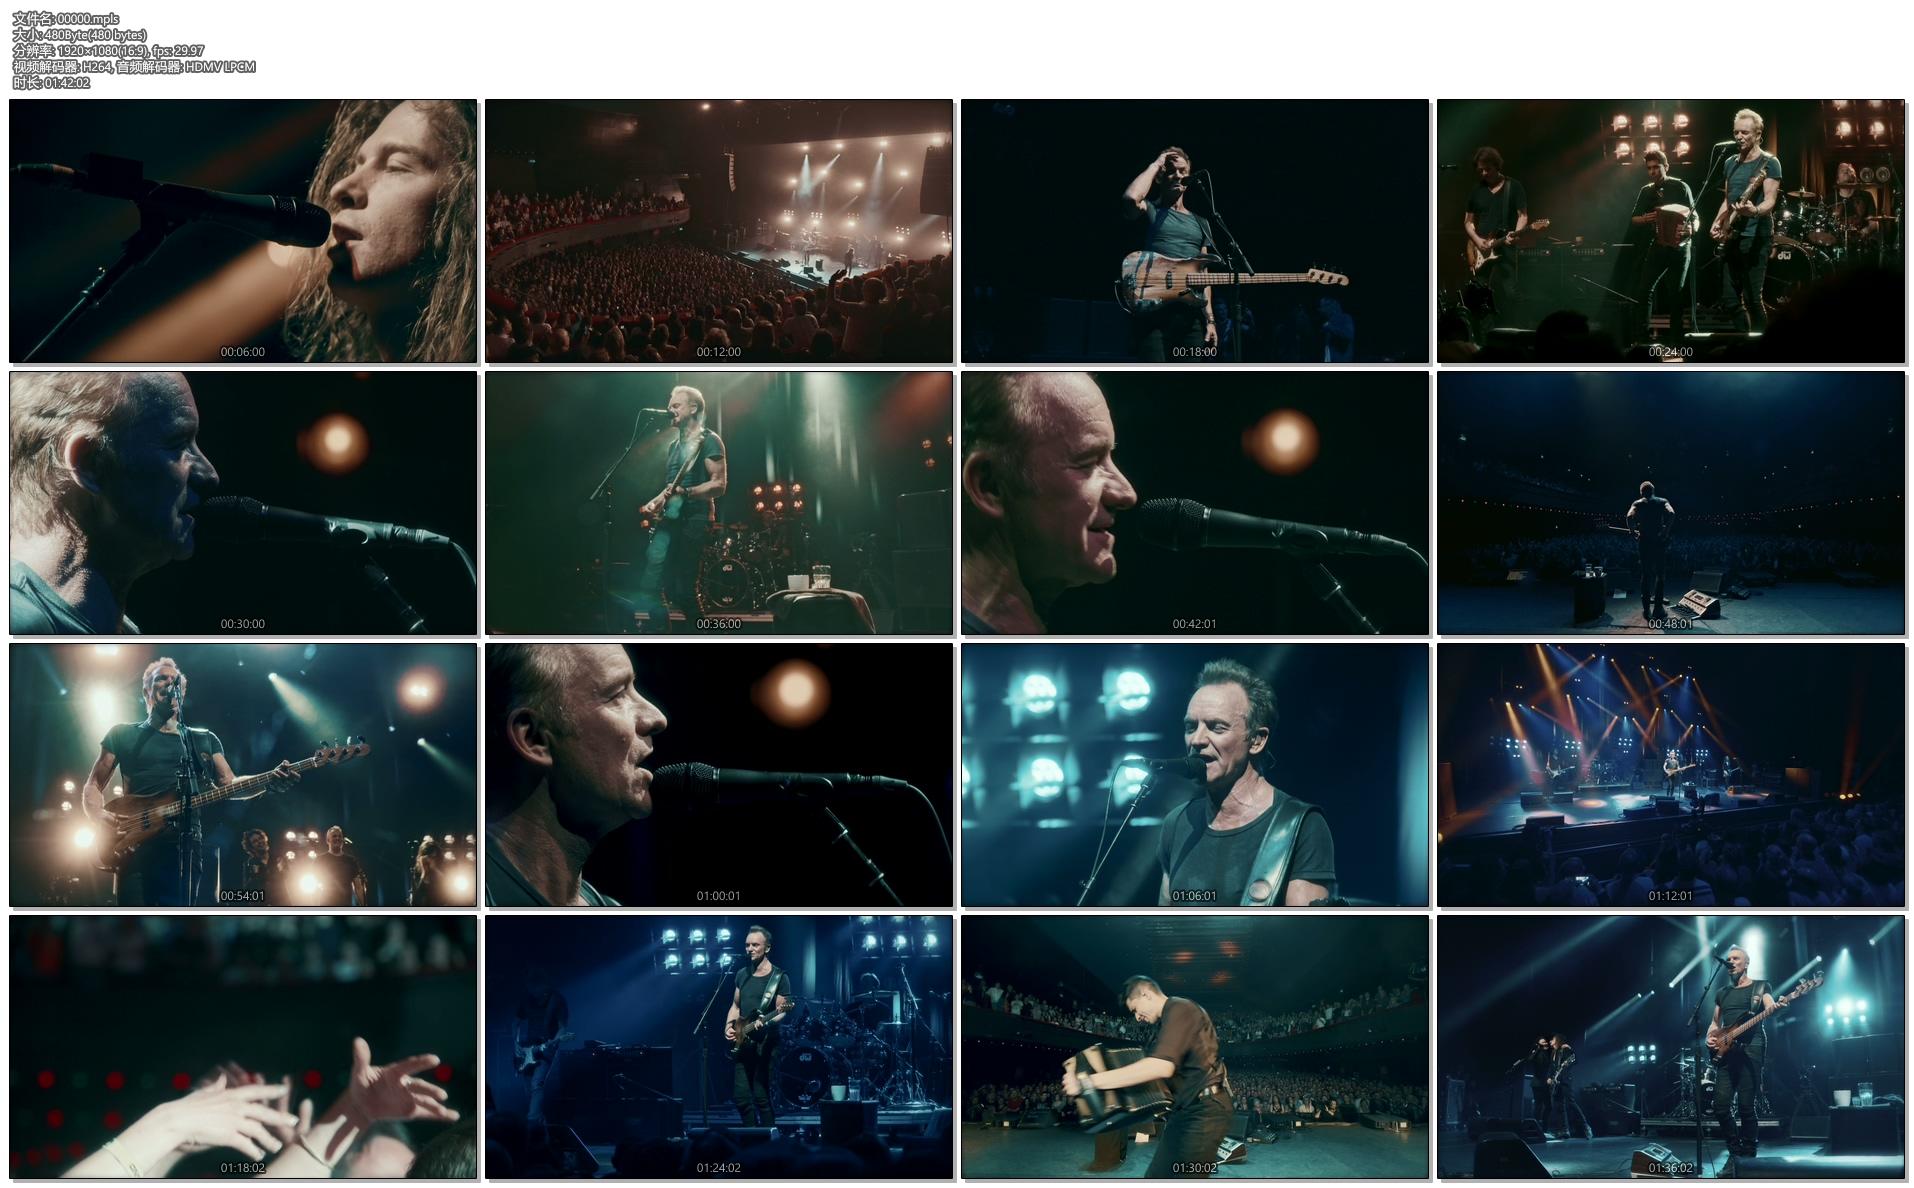 [蓝光原盘] 斯汀 2017巴黎奥林匹亚音乐厅演唱会实录Sting Live at the Olympia Paris 2017《 ISO 35.8G》插图(1)